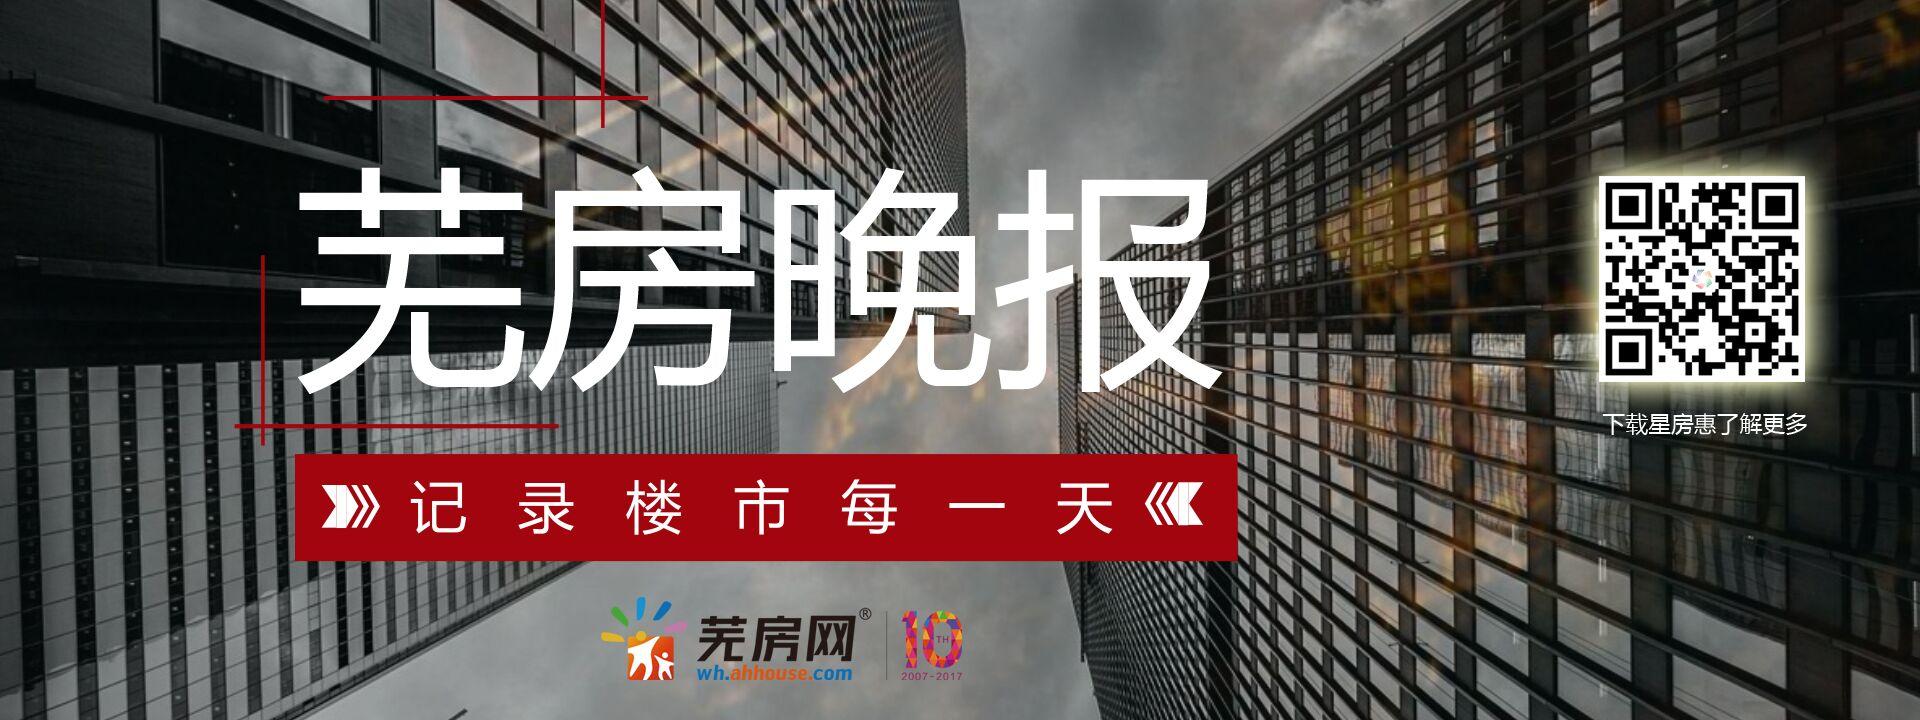 5.24芜房晚报:芜湖滨江城中房源紧缺城东新盘崛起